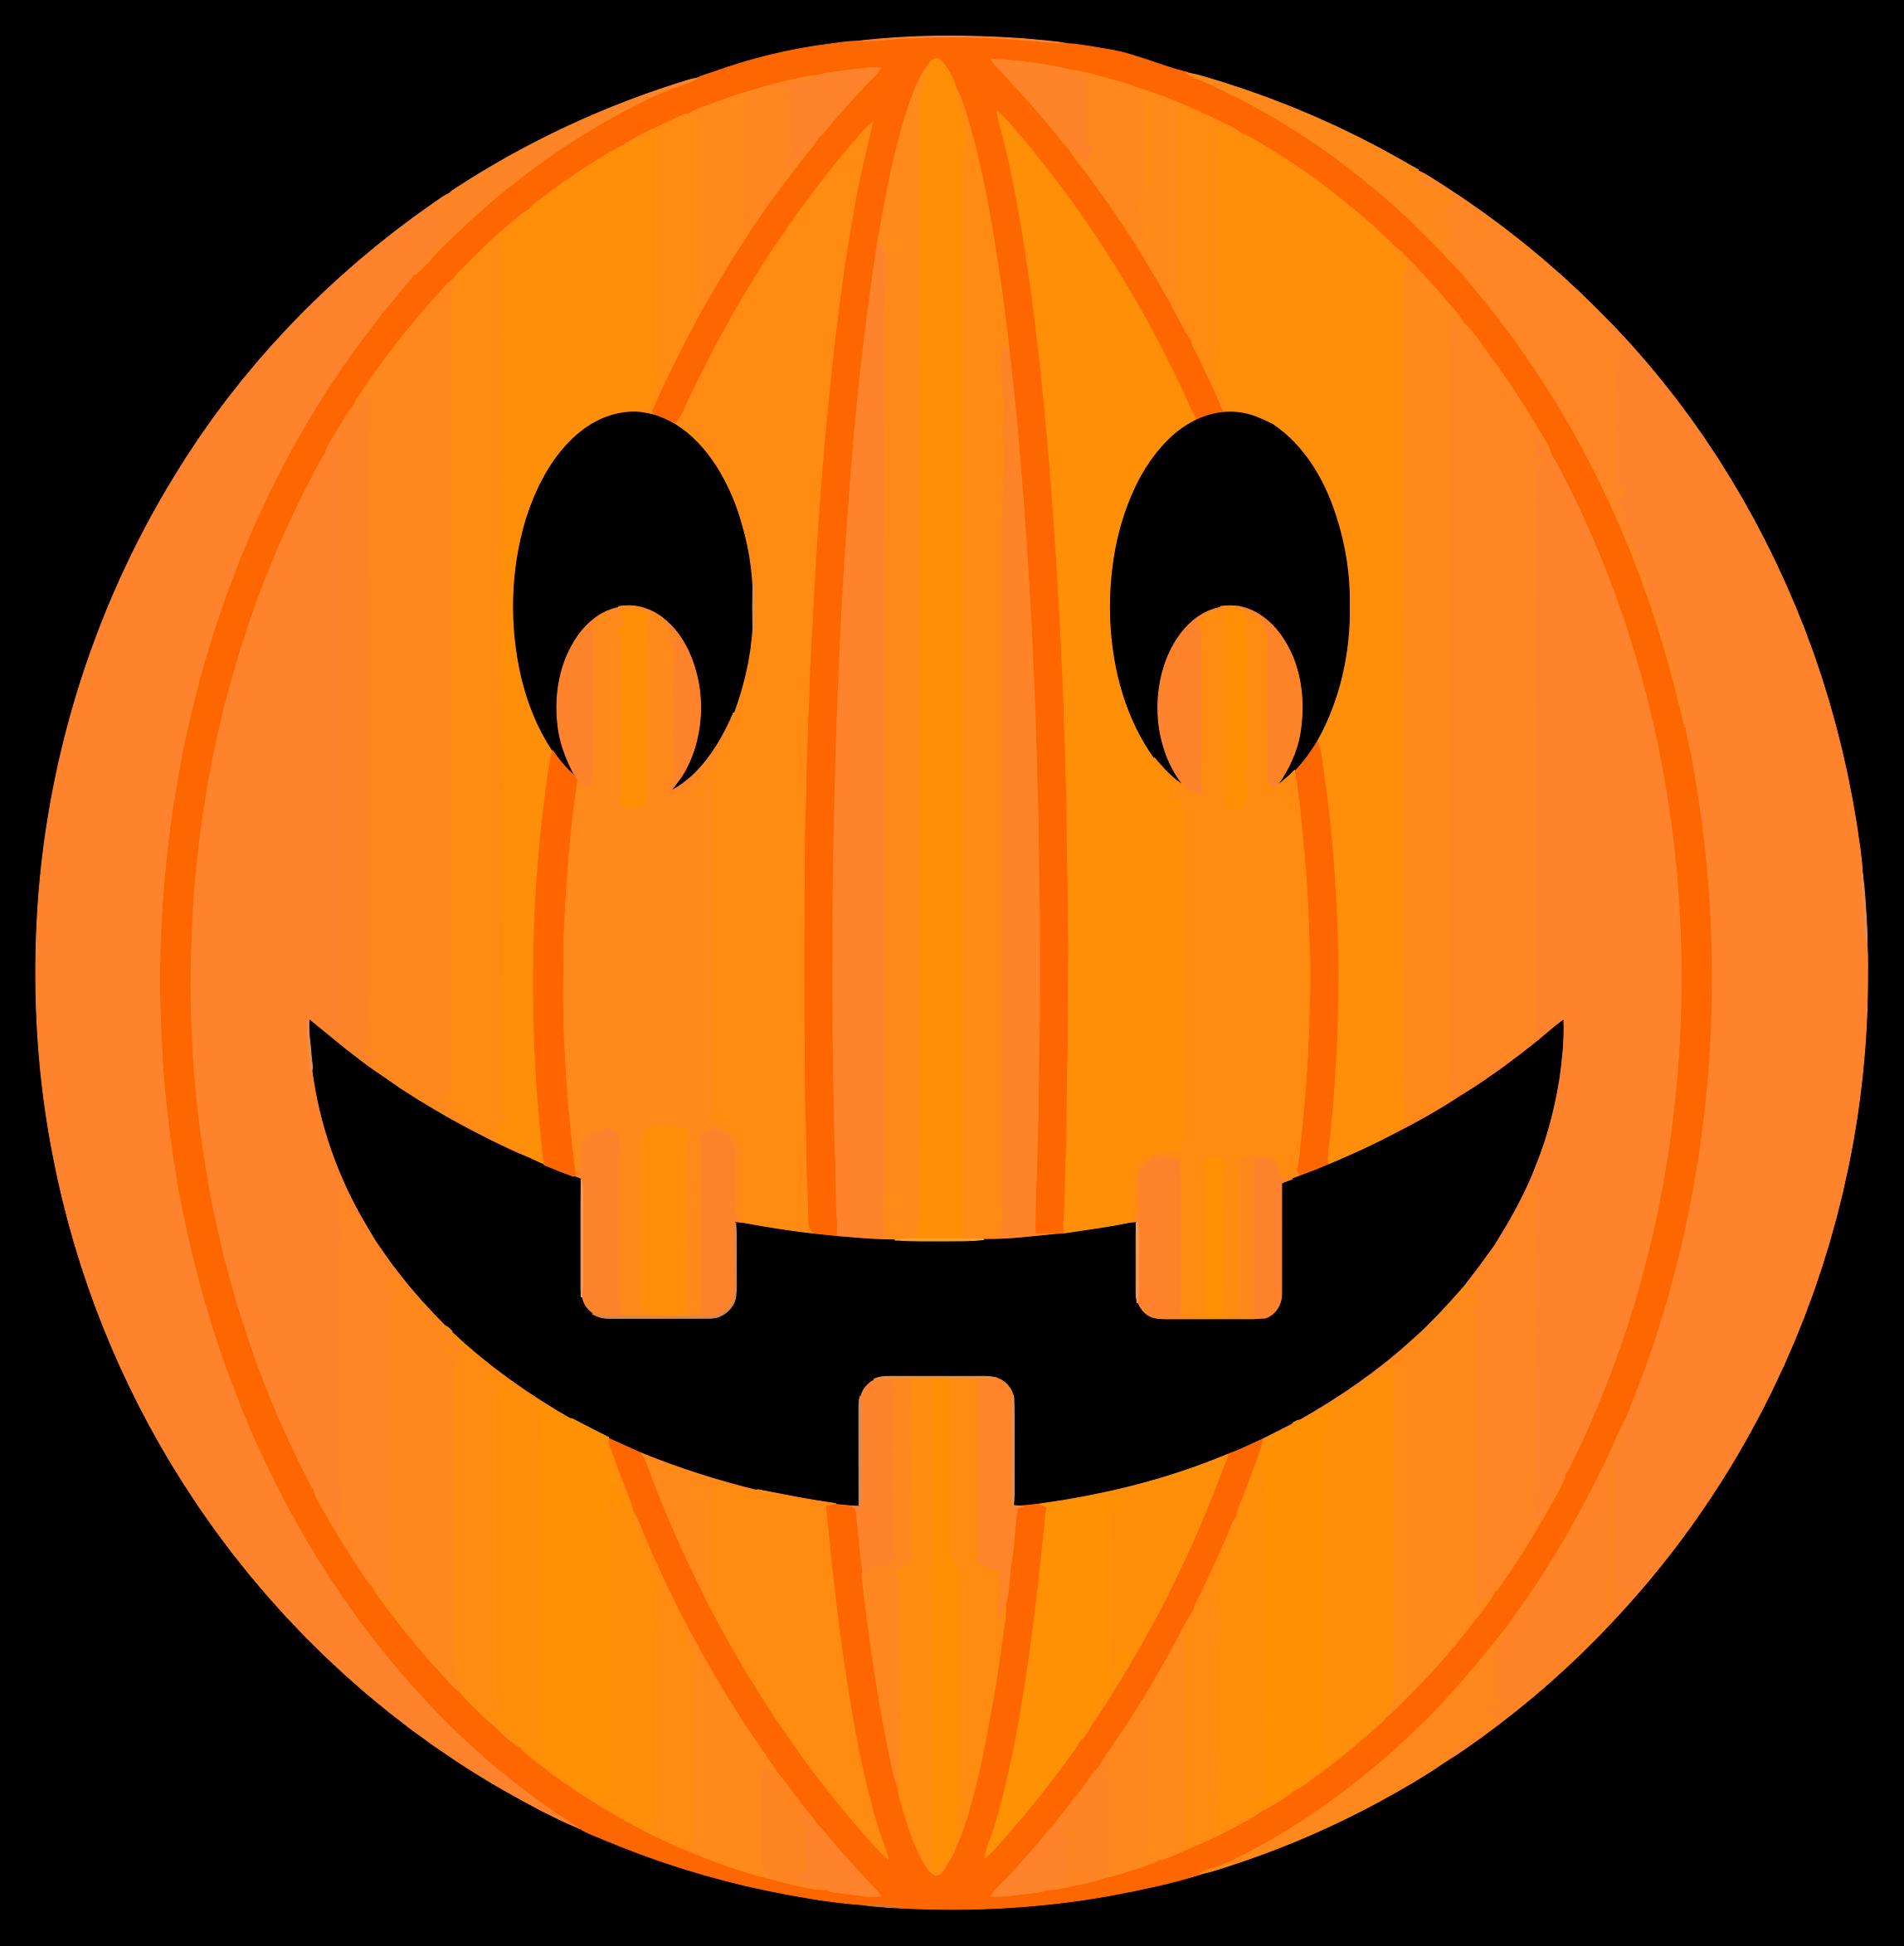 2295x2346 Jack O Lantern Jack Lantern Cutouts Jack Lantern Mouth Clip Art